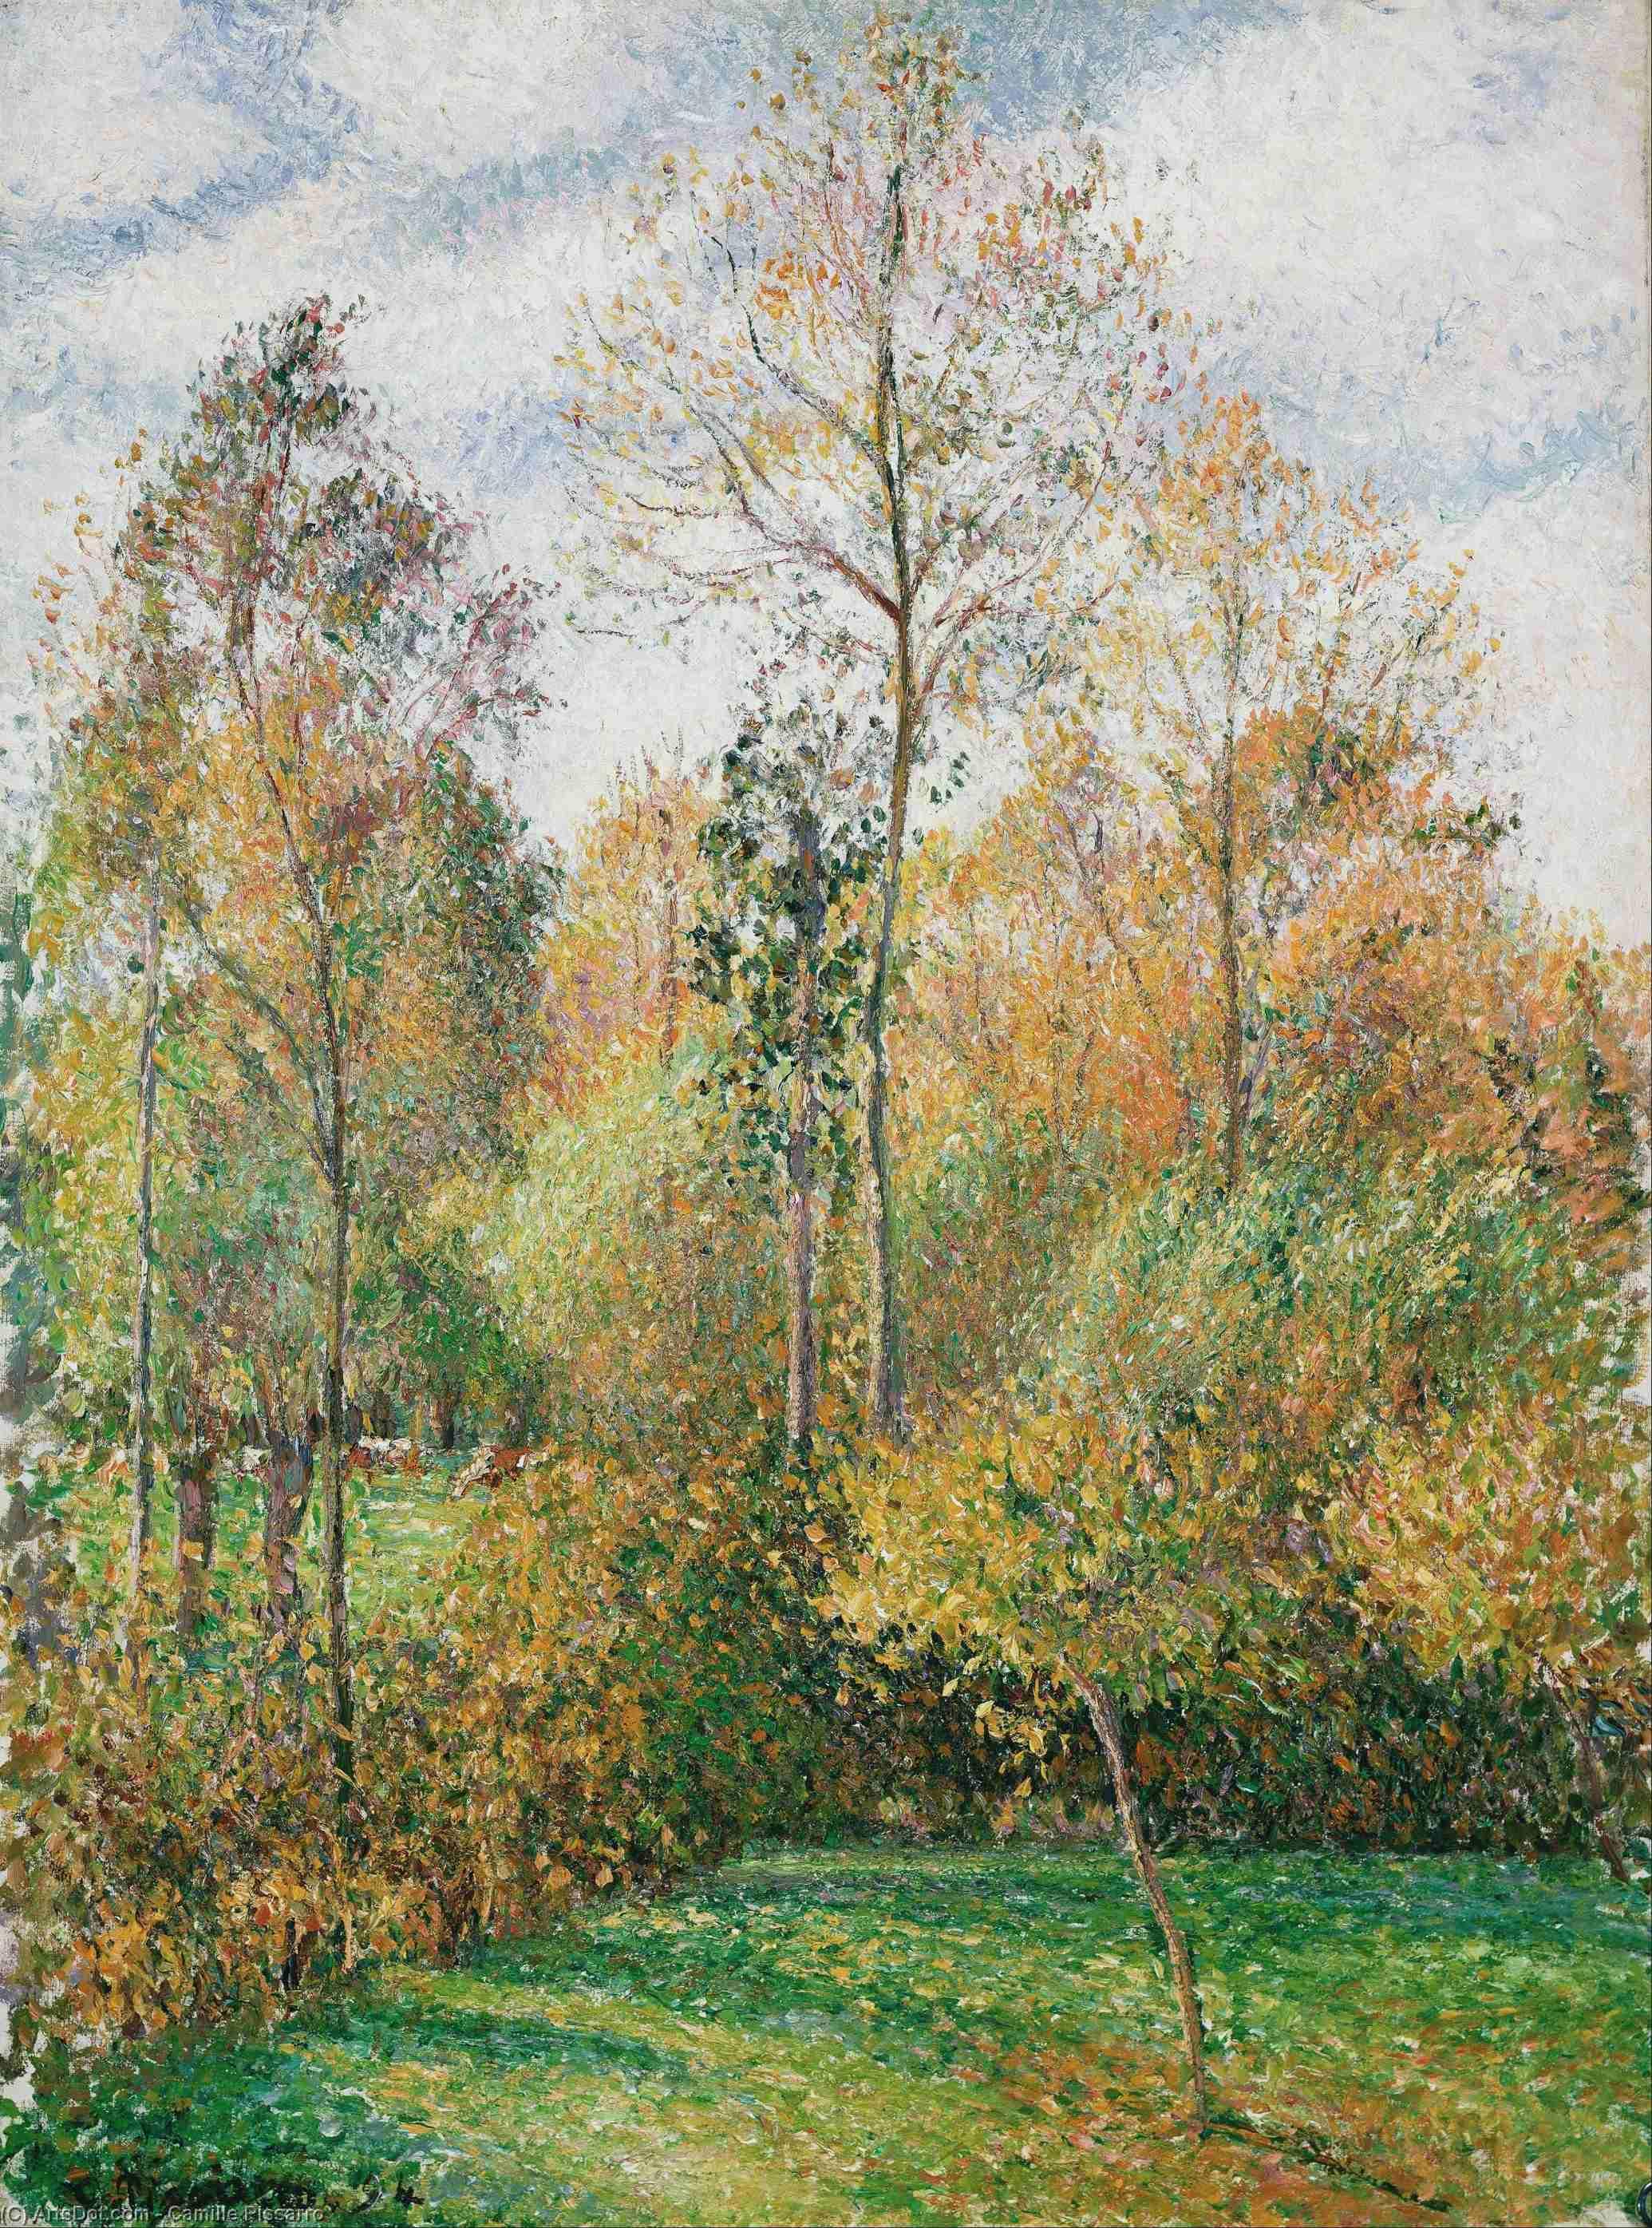 Wikioo.org - Die Enzyklopädie bildender Kunst - Malerei, Kunstwerk von Camille Pissarro - Herbst , Pappeln